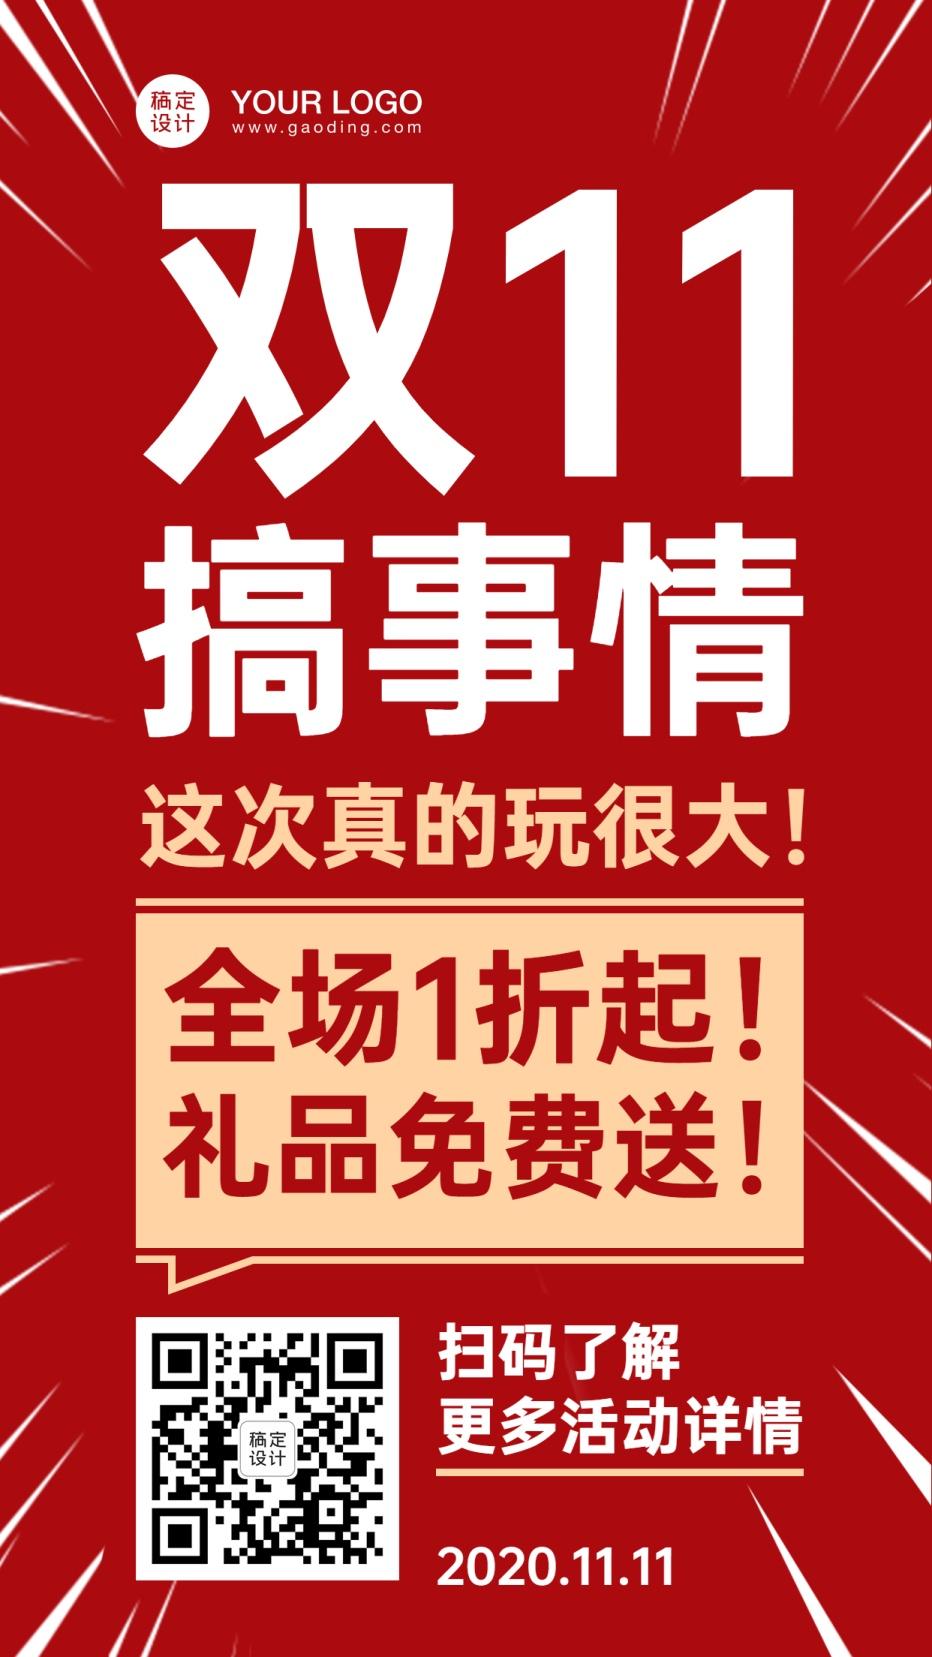 双十一促销活动宣传手机海报